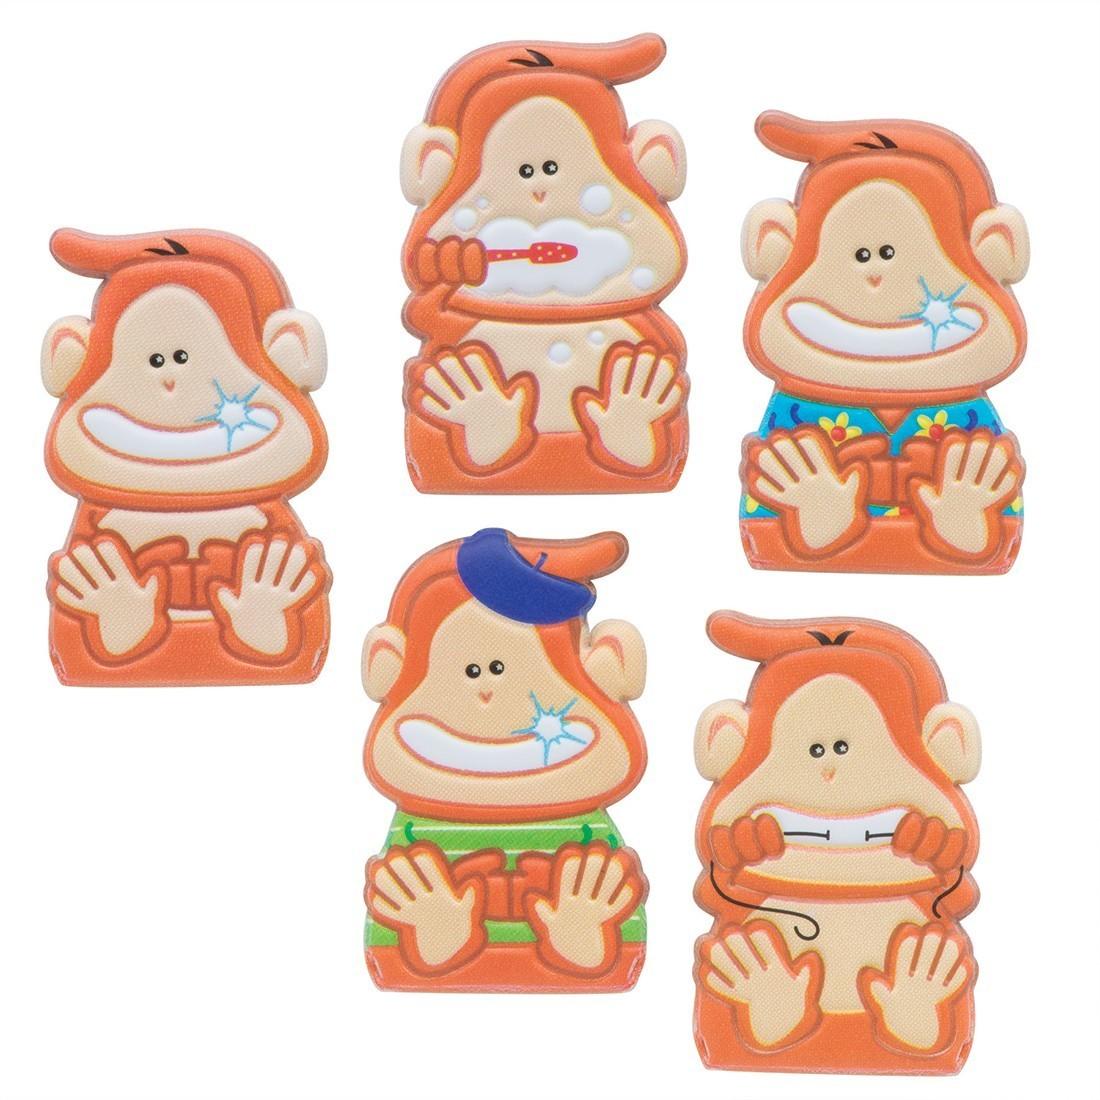 Brush, Floss, Smile Monkeys Puffy Finger Puppets [image]